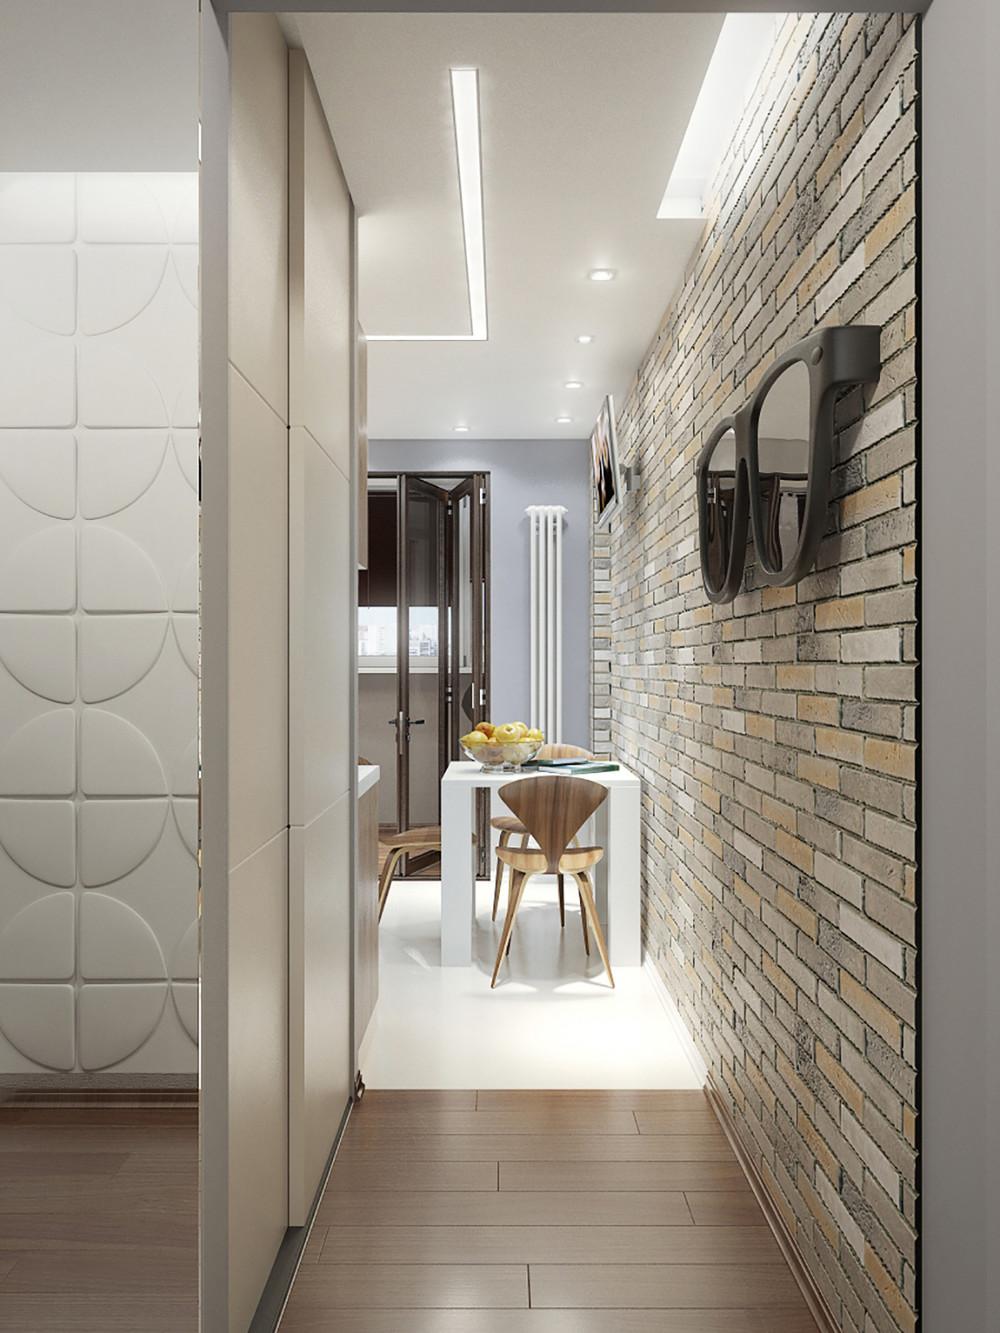 dvustaen-apartament-s-moderen-i-praktichen-interior-v-moskva-58-m-4g